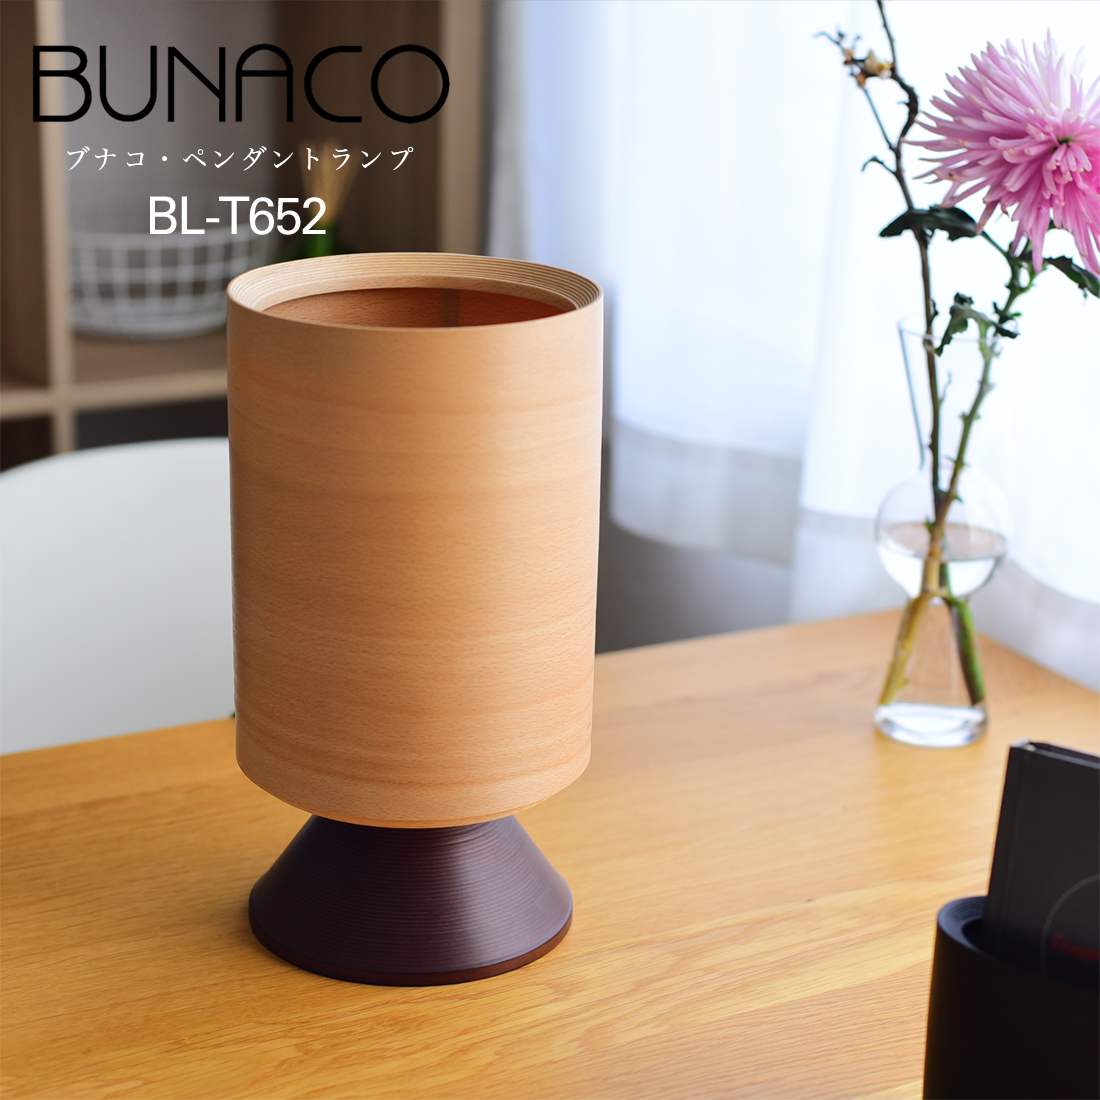 店舗クーポン発行中!【BUNACO/ブナコ】ブナコのテーブルランプ照明 BUNACO Table Lamp BL-T652